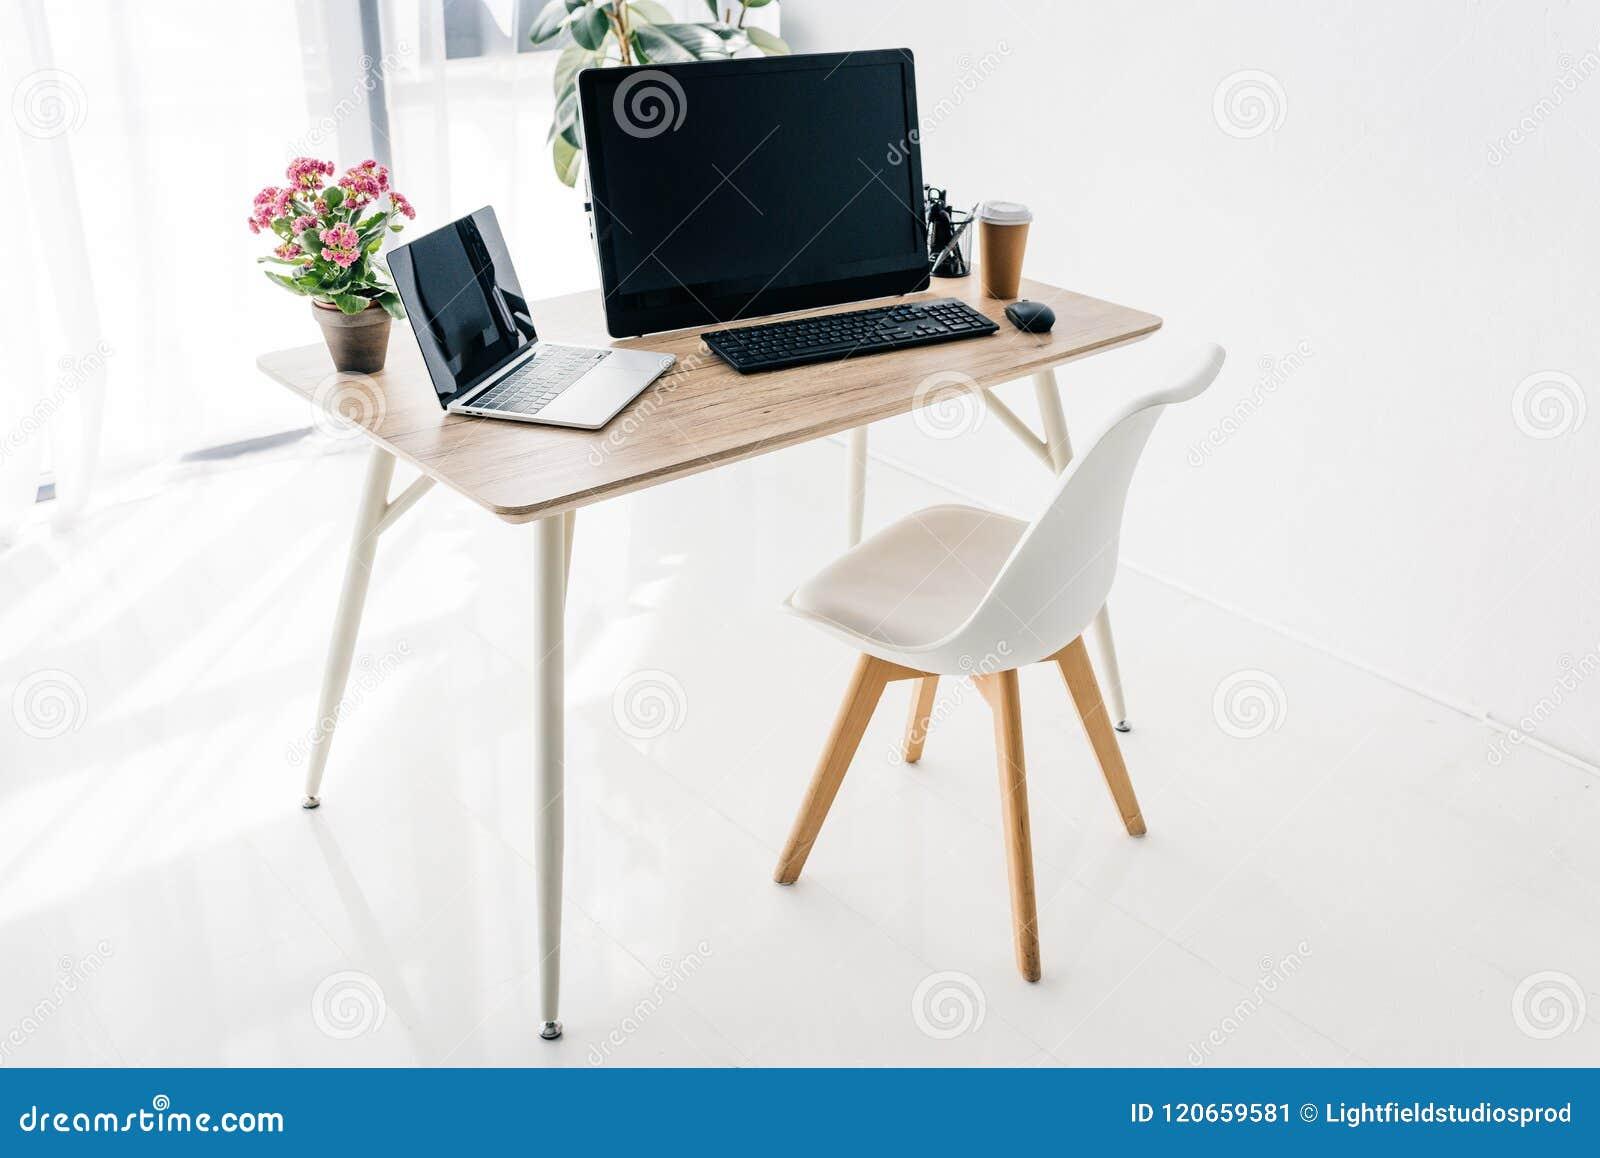 Wnętrze miejsce pracy z krzesłem, kwiatami, kawą, materiały, laptopem i komputerem,